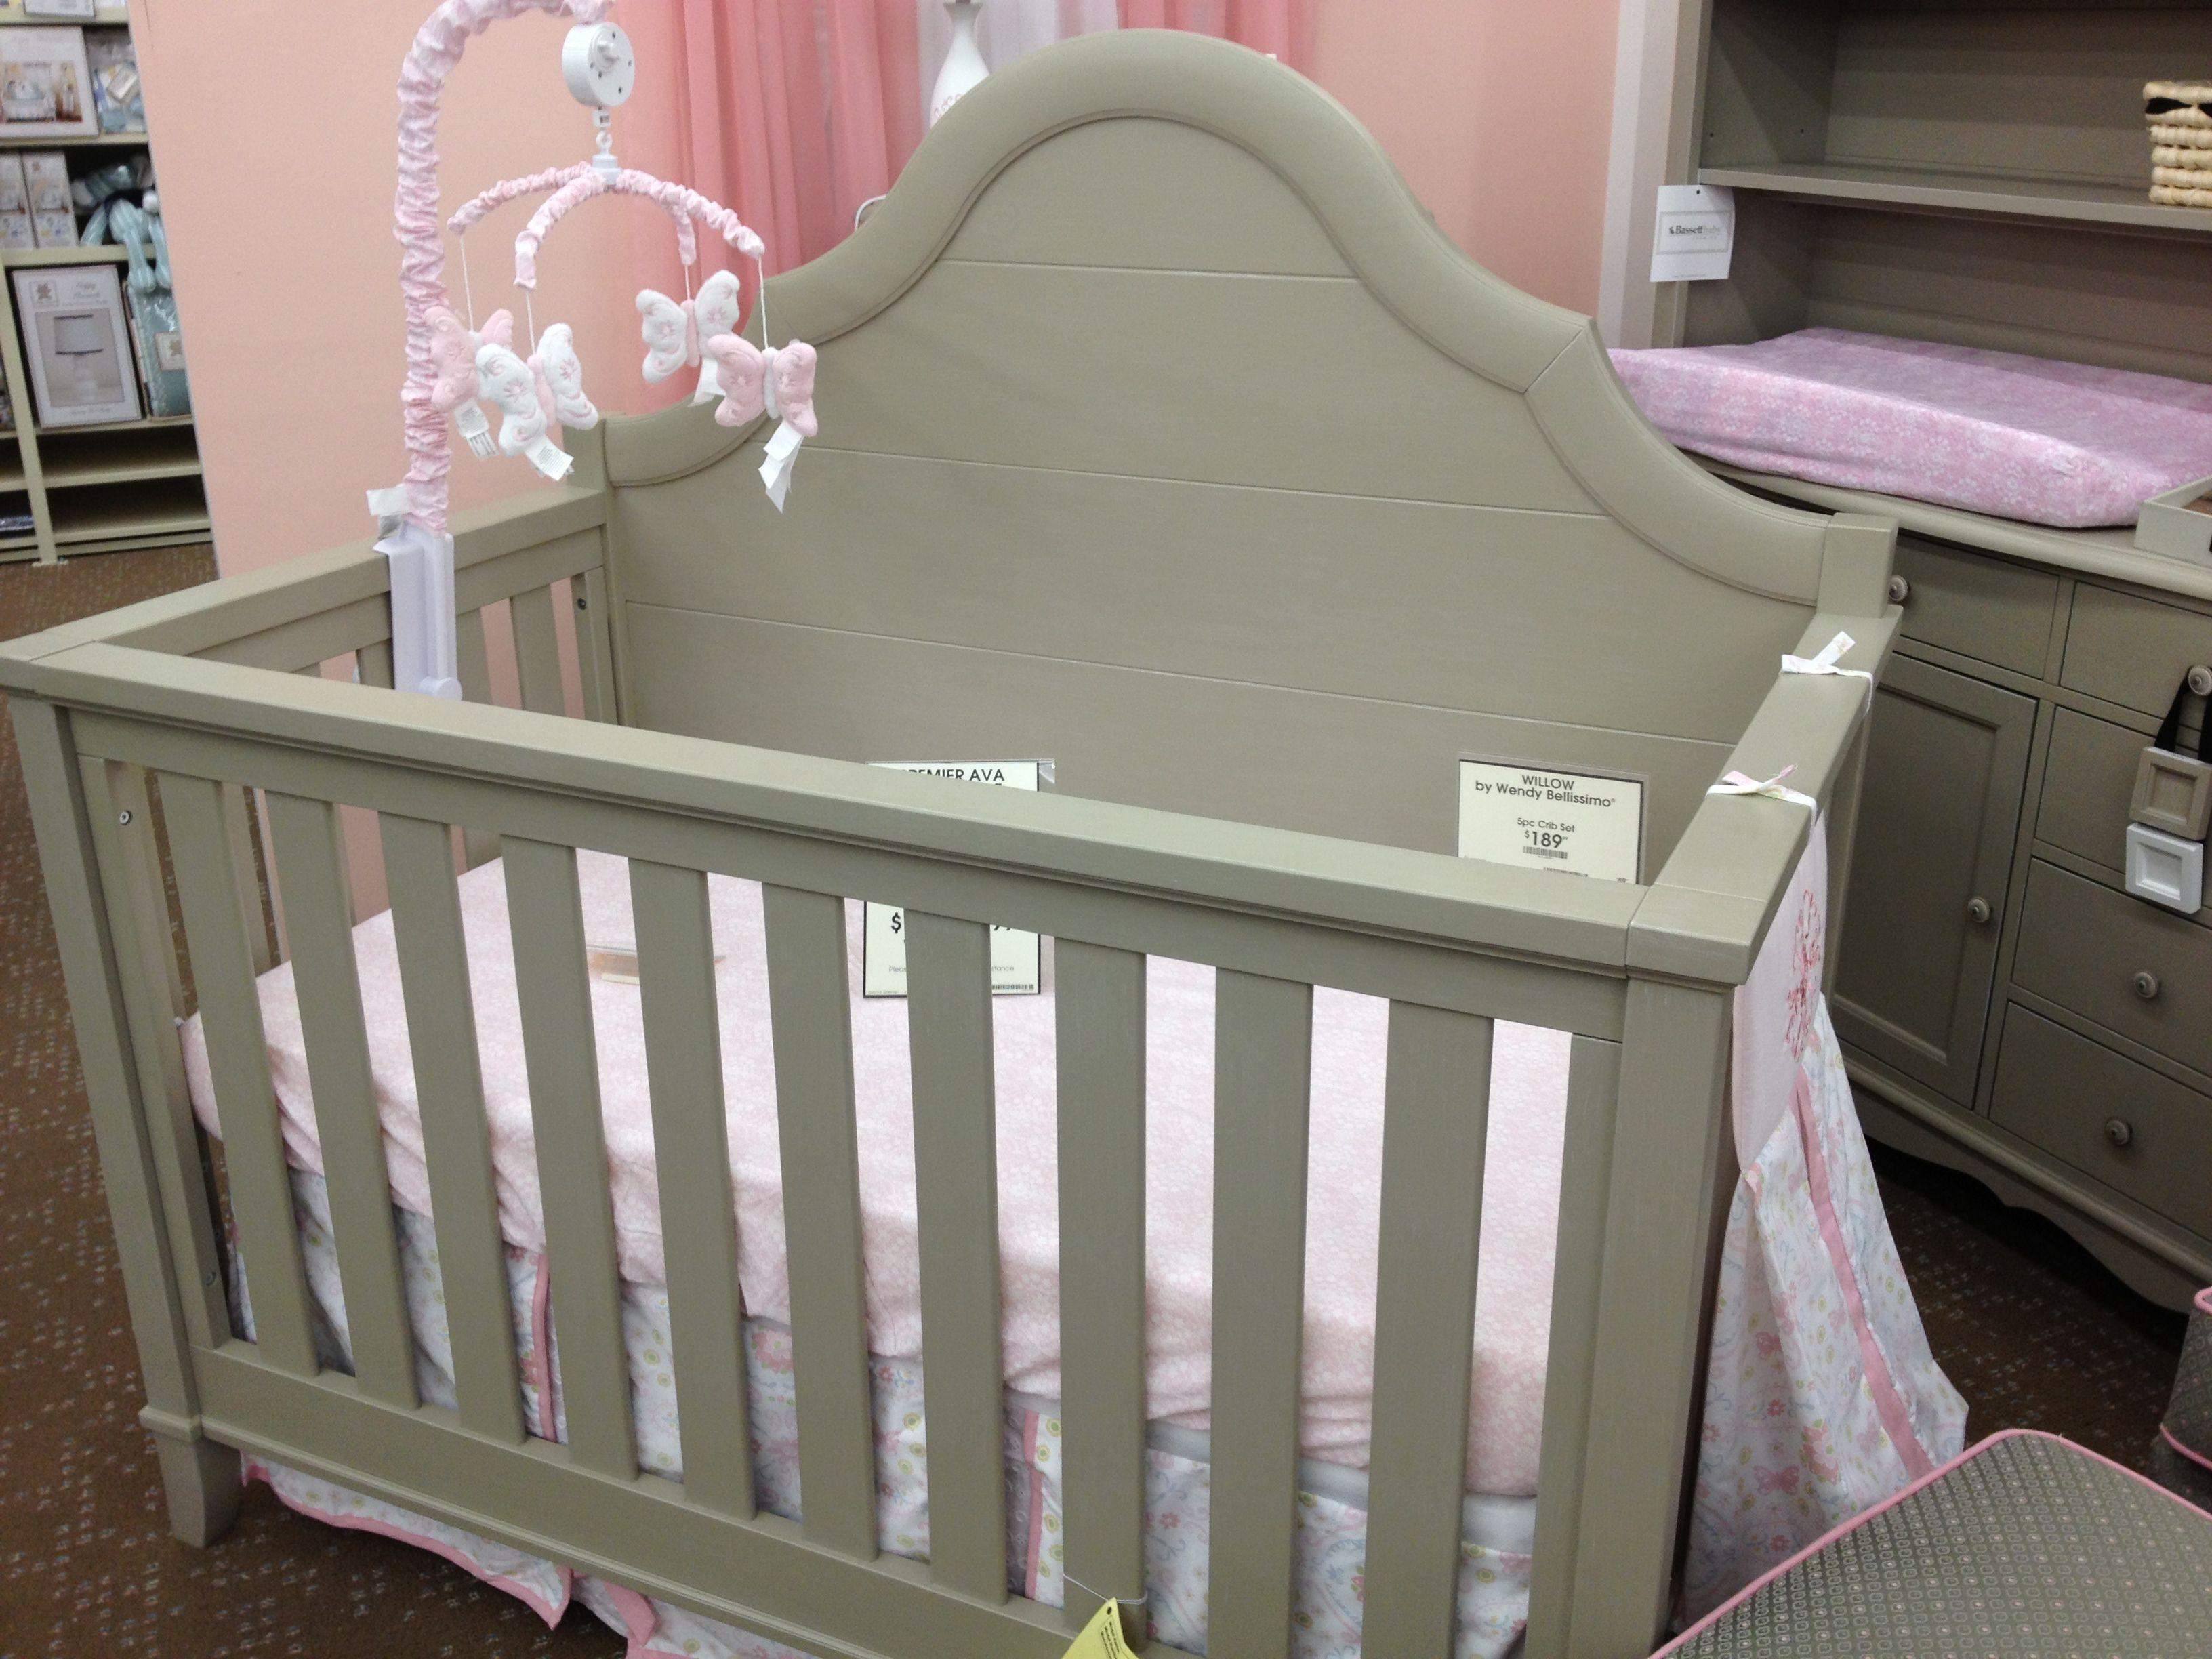 Gray Convertible Crib Buy Buy Baby Baby Furniture Sets Baby Nursery Furniture Convertible Crib